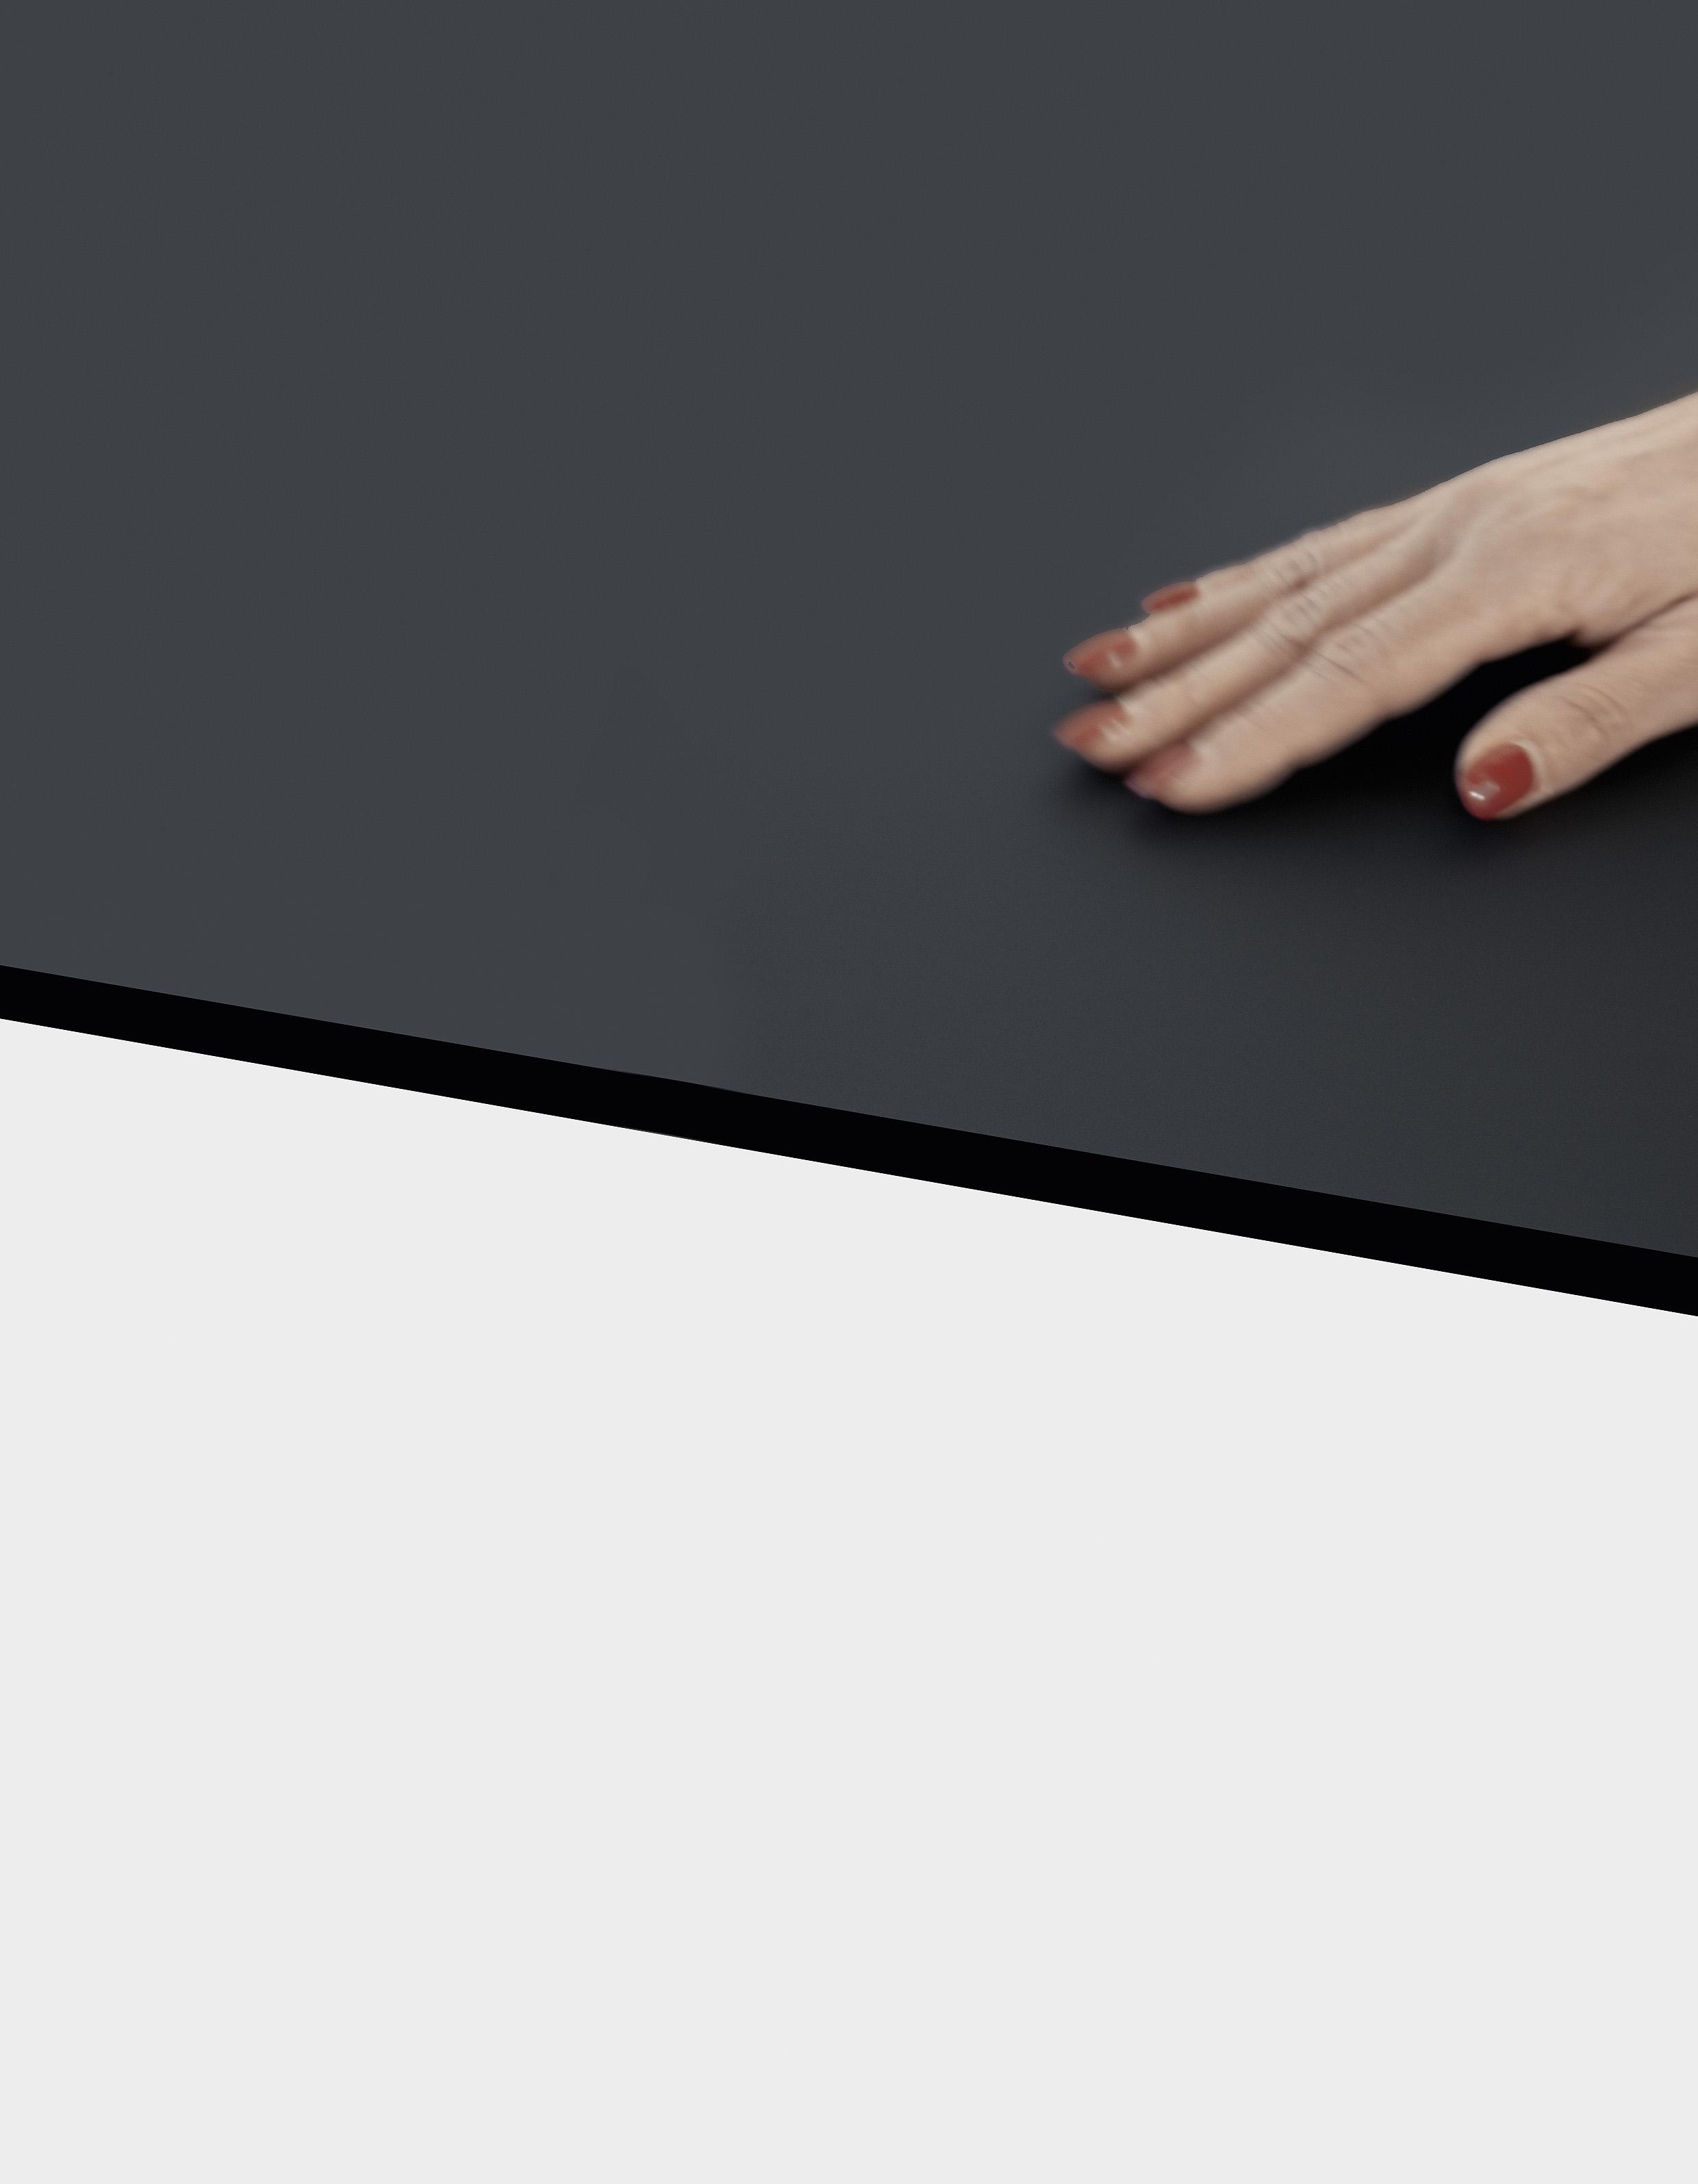 sushi71 Kristalia Verdeler Loncin design verlengbare tafel meubel zetel Leuven Brussels mechelen antwerpen vlaams-branbant Limburg Hasselt Tongeren Genk Sint-Truiden Zoutleeuw.jpg